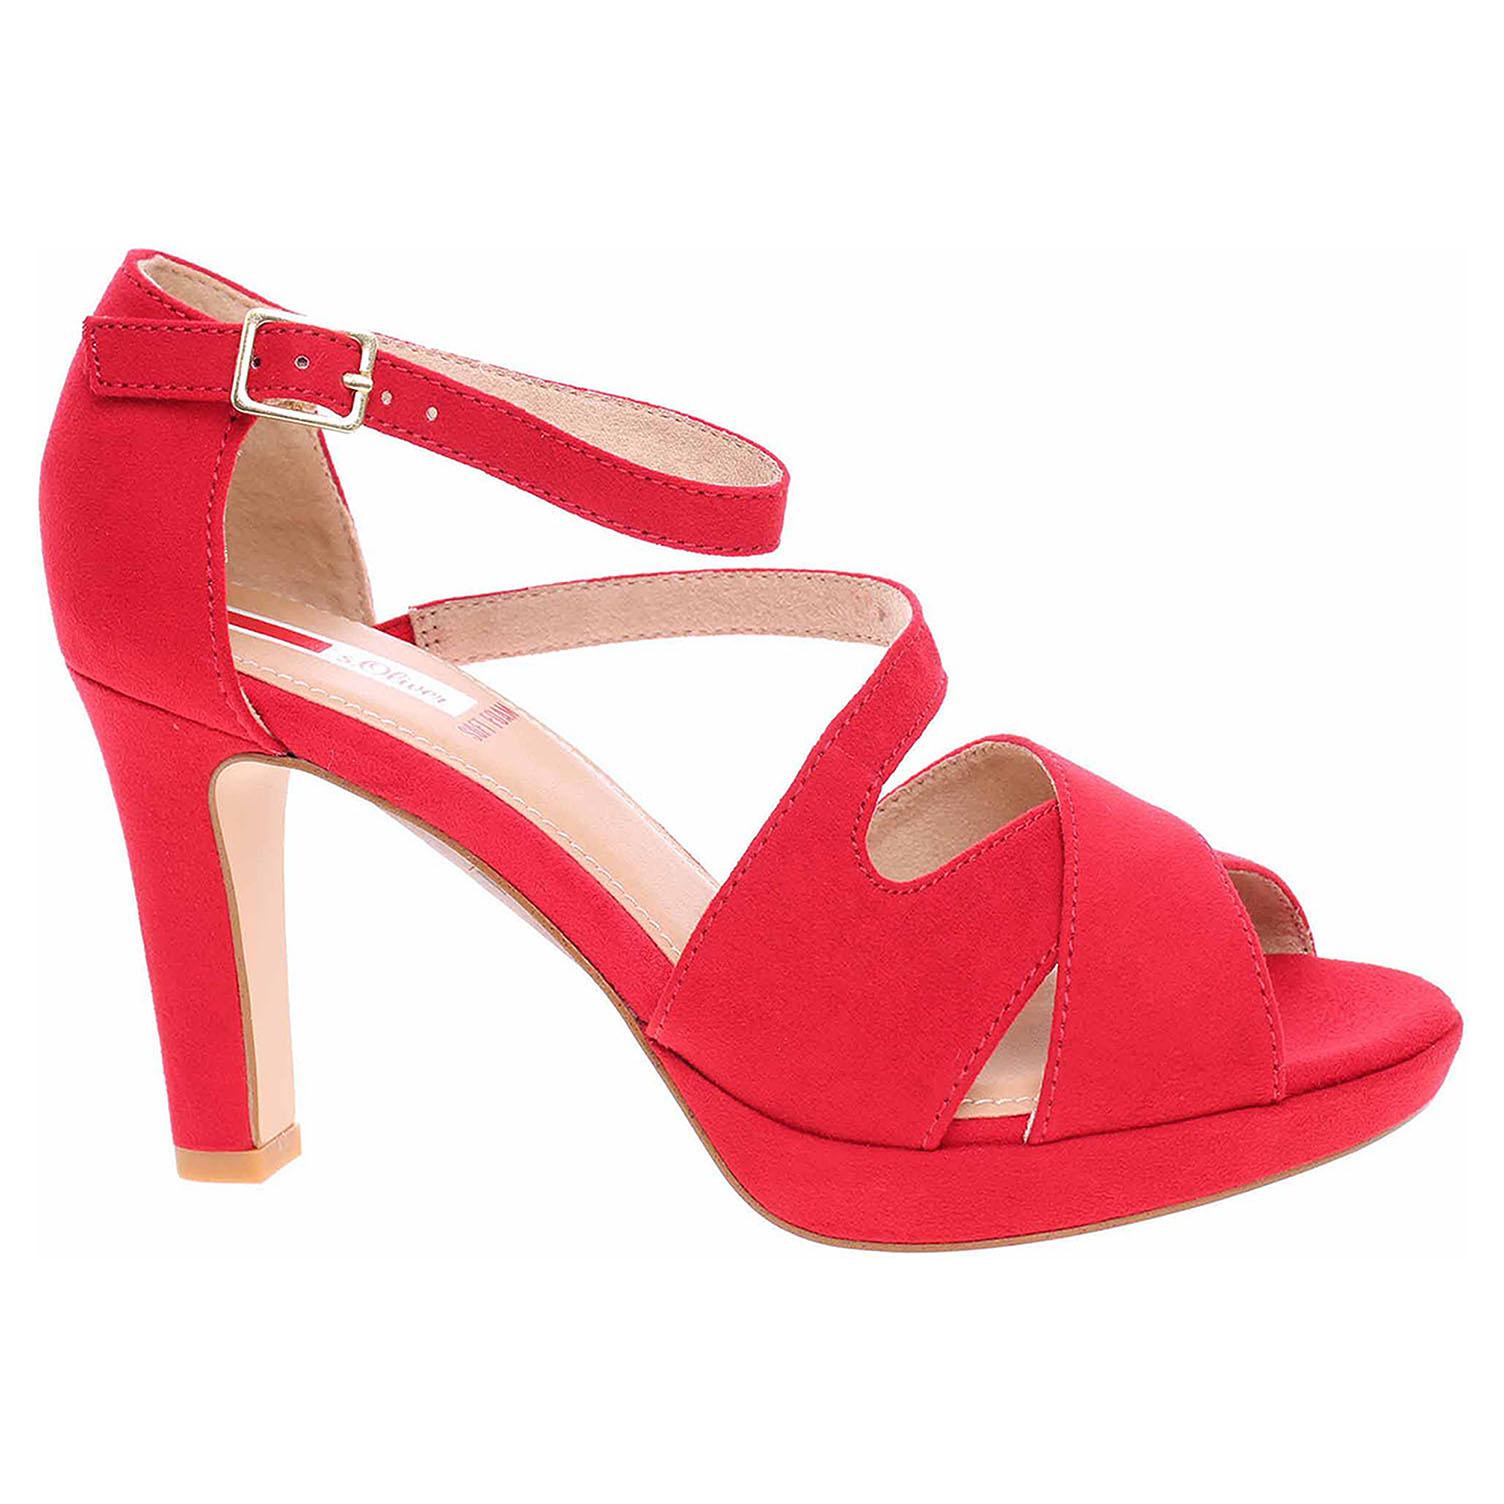 Dámská společenská obuv s.Oliver 5-28323-24 red 5-5-28323-24 500 39